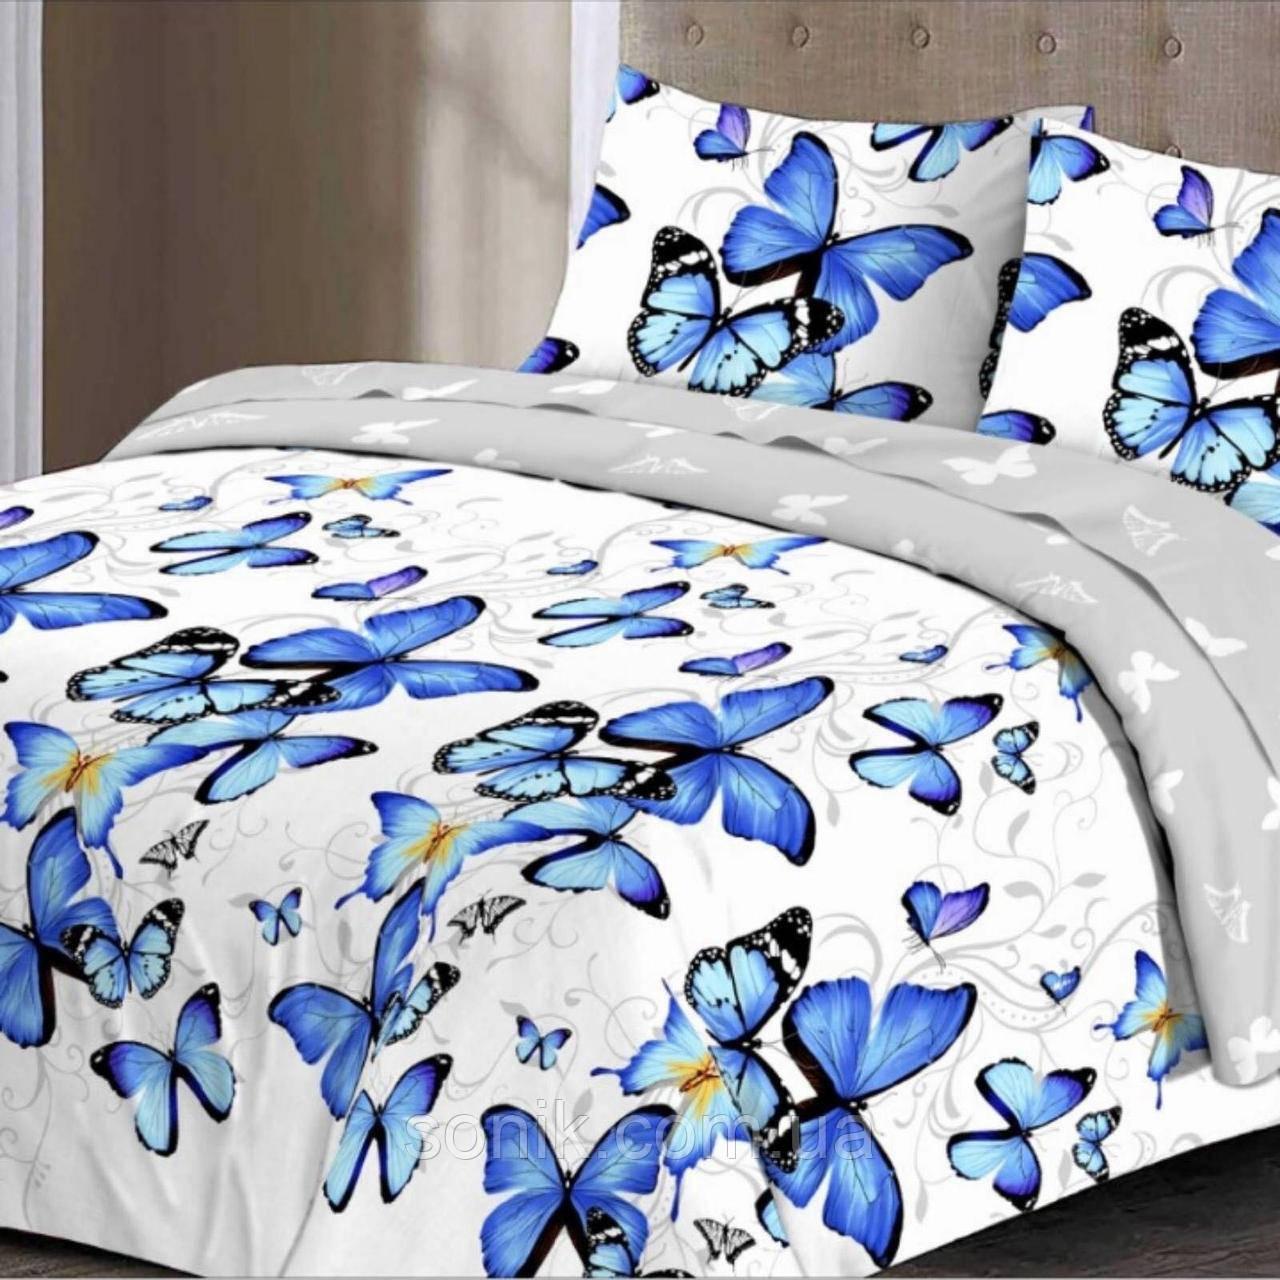 Комплект постельного белья Бабочки синие семейный